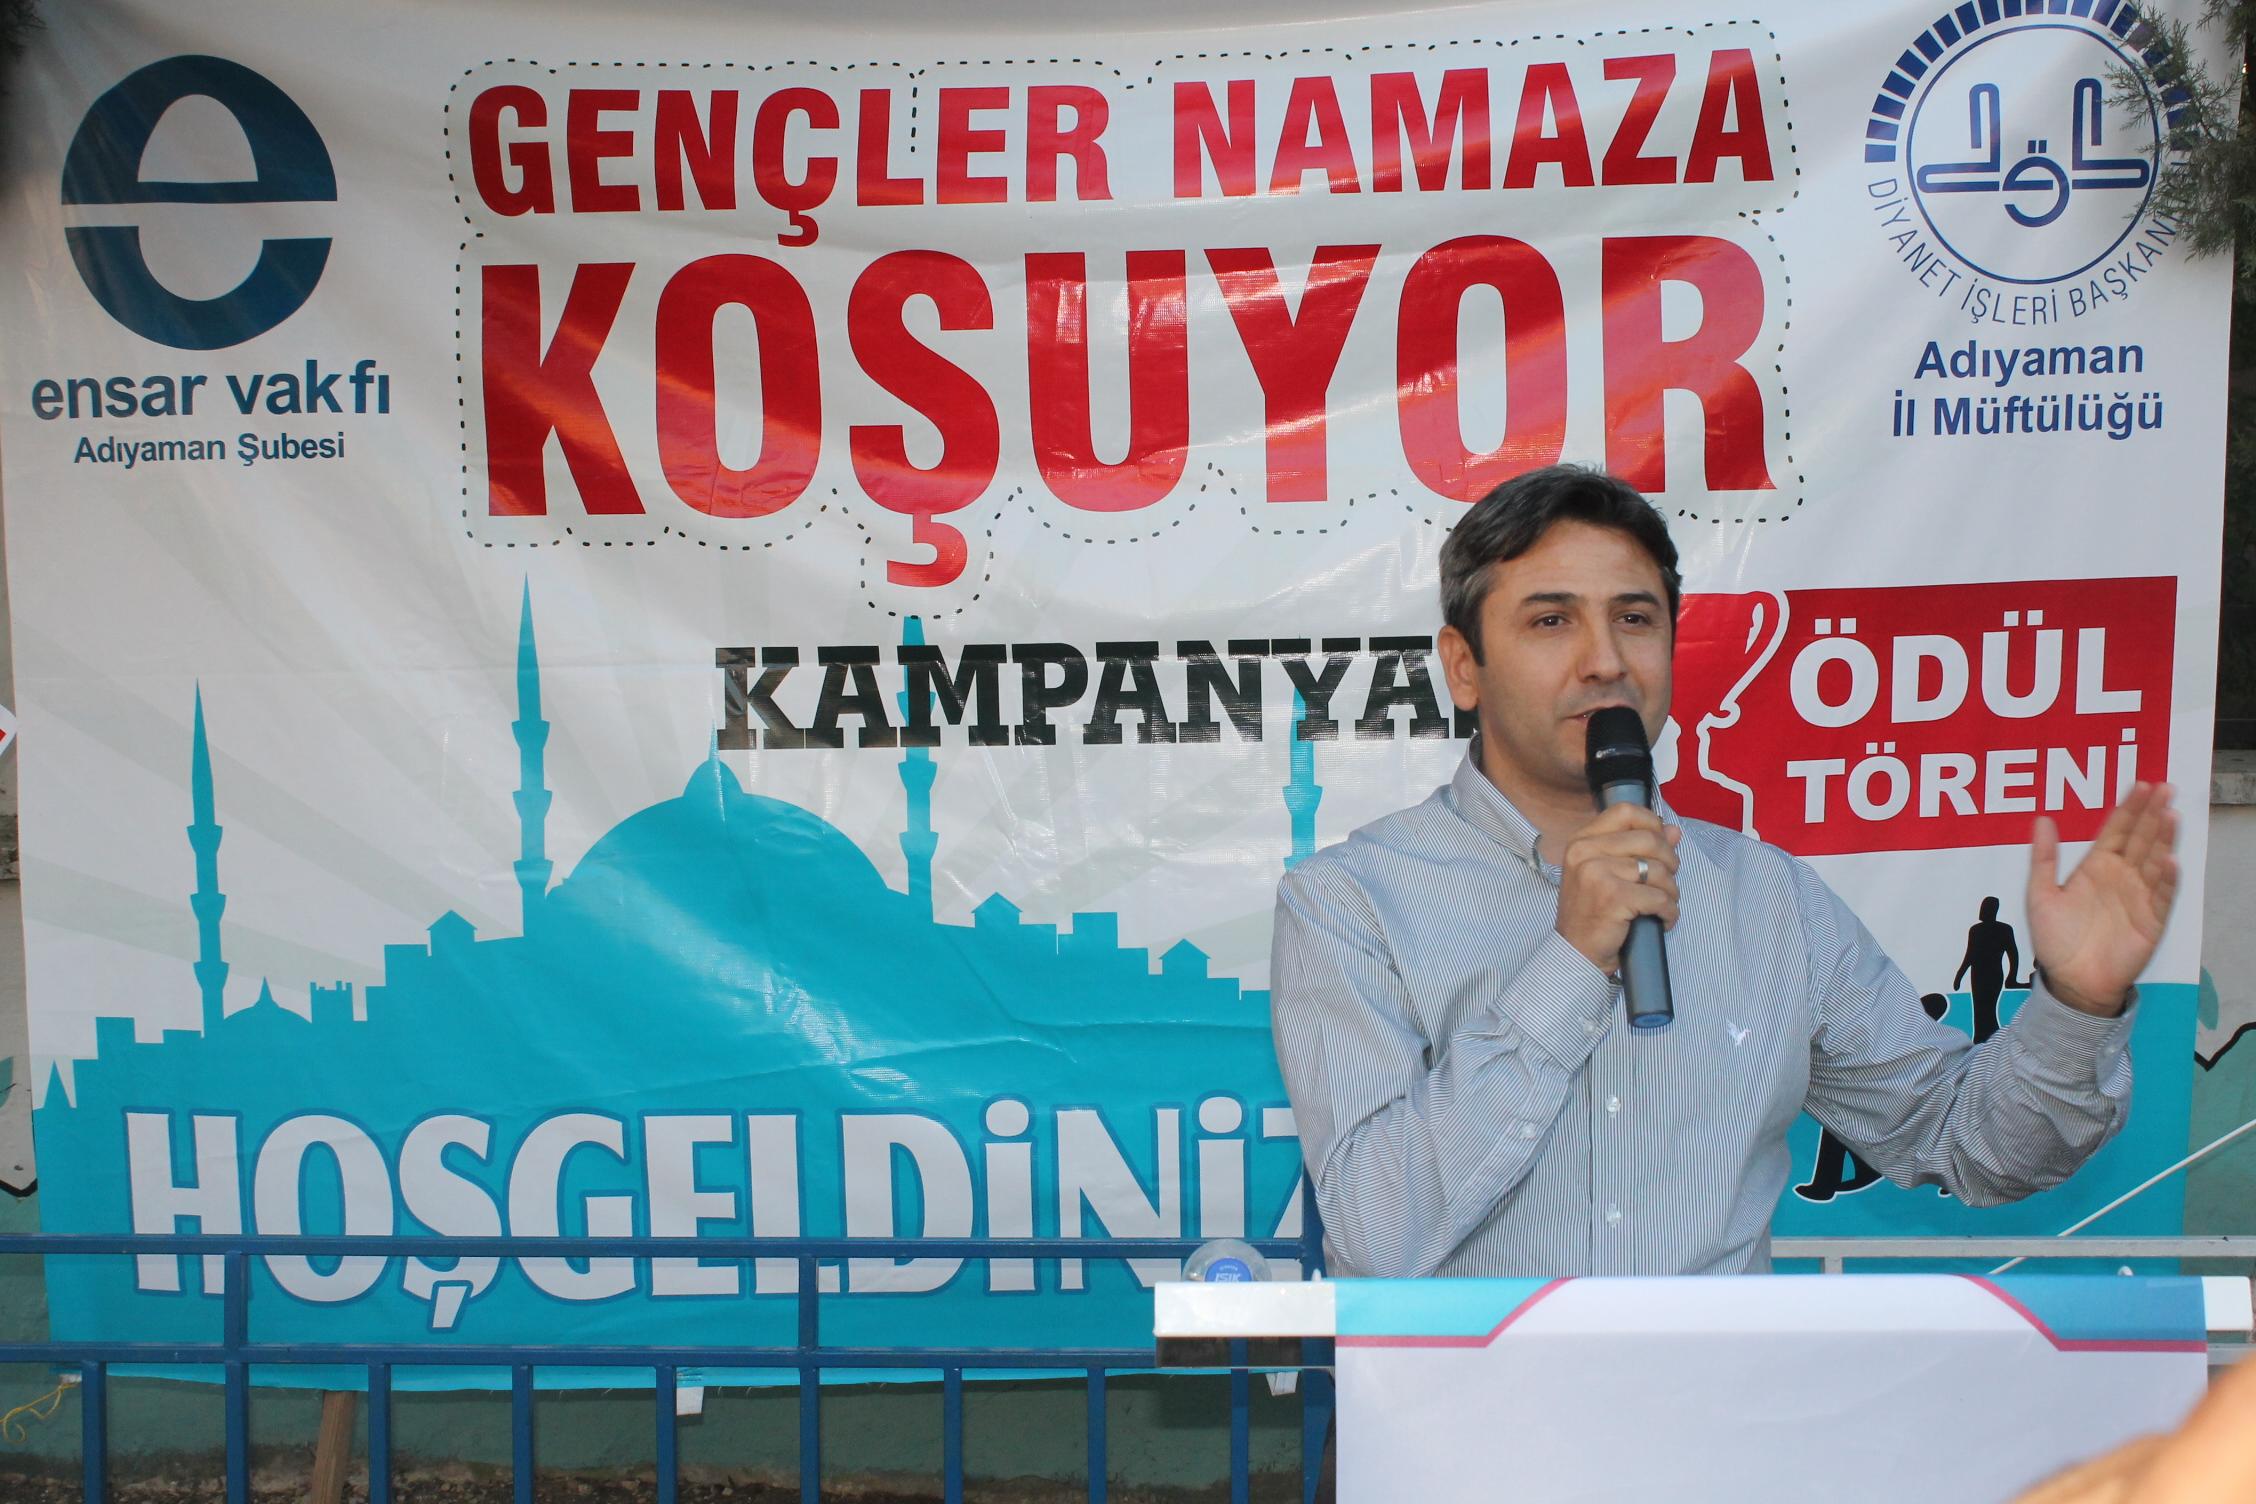 'Çocuk istismarı' oylamasında yalan söyleyen meclis başkanvekili Aydın Ensar konuşmacısı çıktı